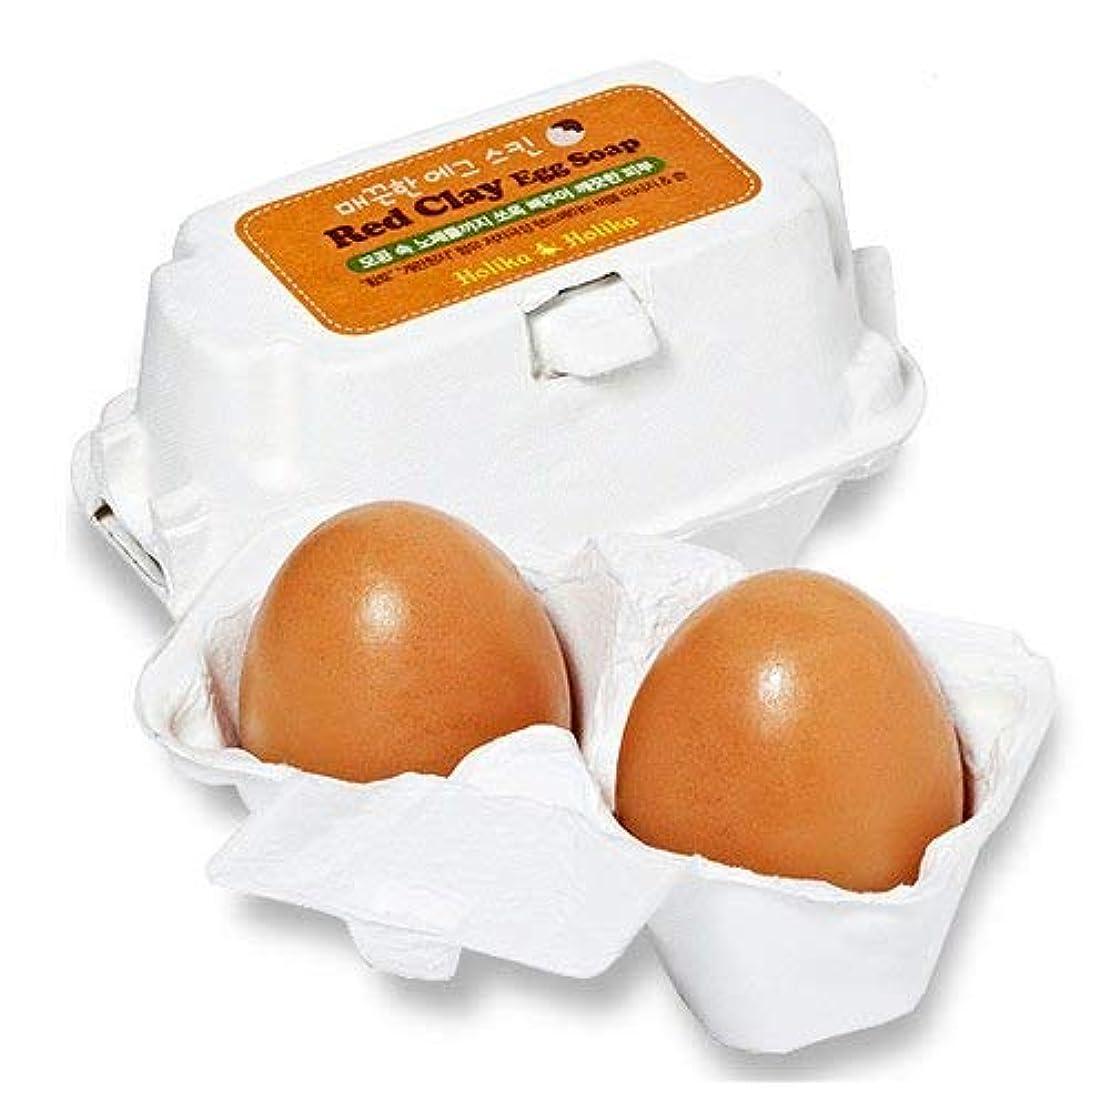 下手パートナーライブ[黄土/Red Clay] Holika Holika Egg Skin Egg Soap ホリカホリカ エッグスキン エッグソープ (50g*2個) [並行輸入品]